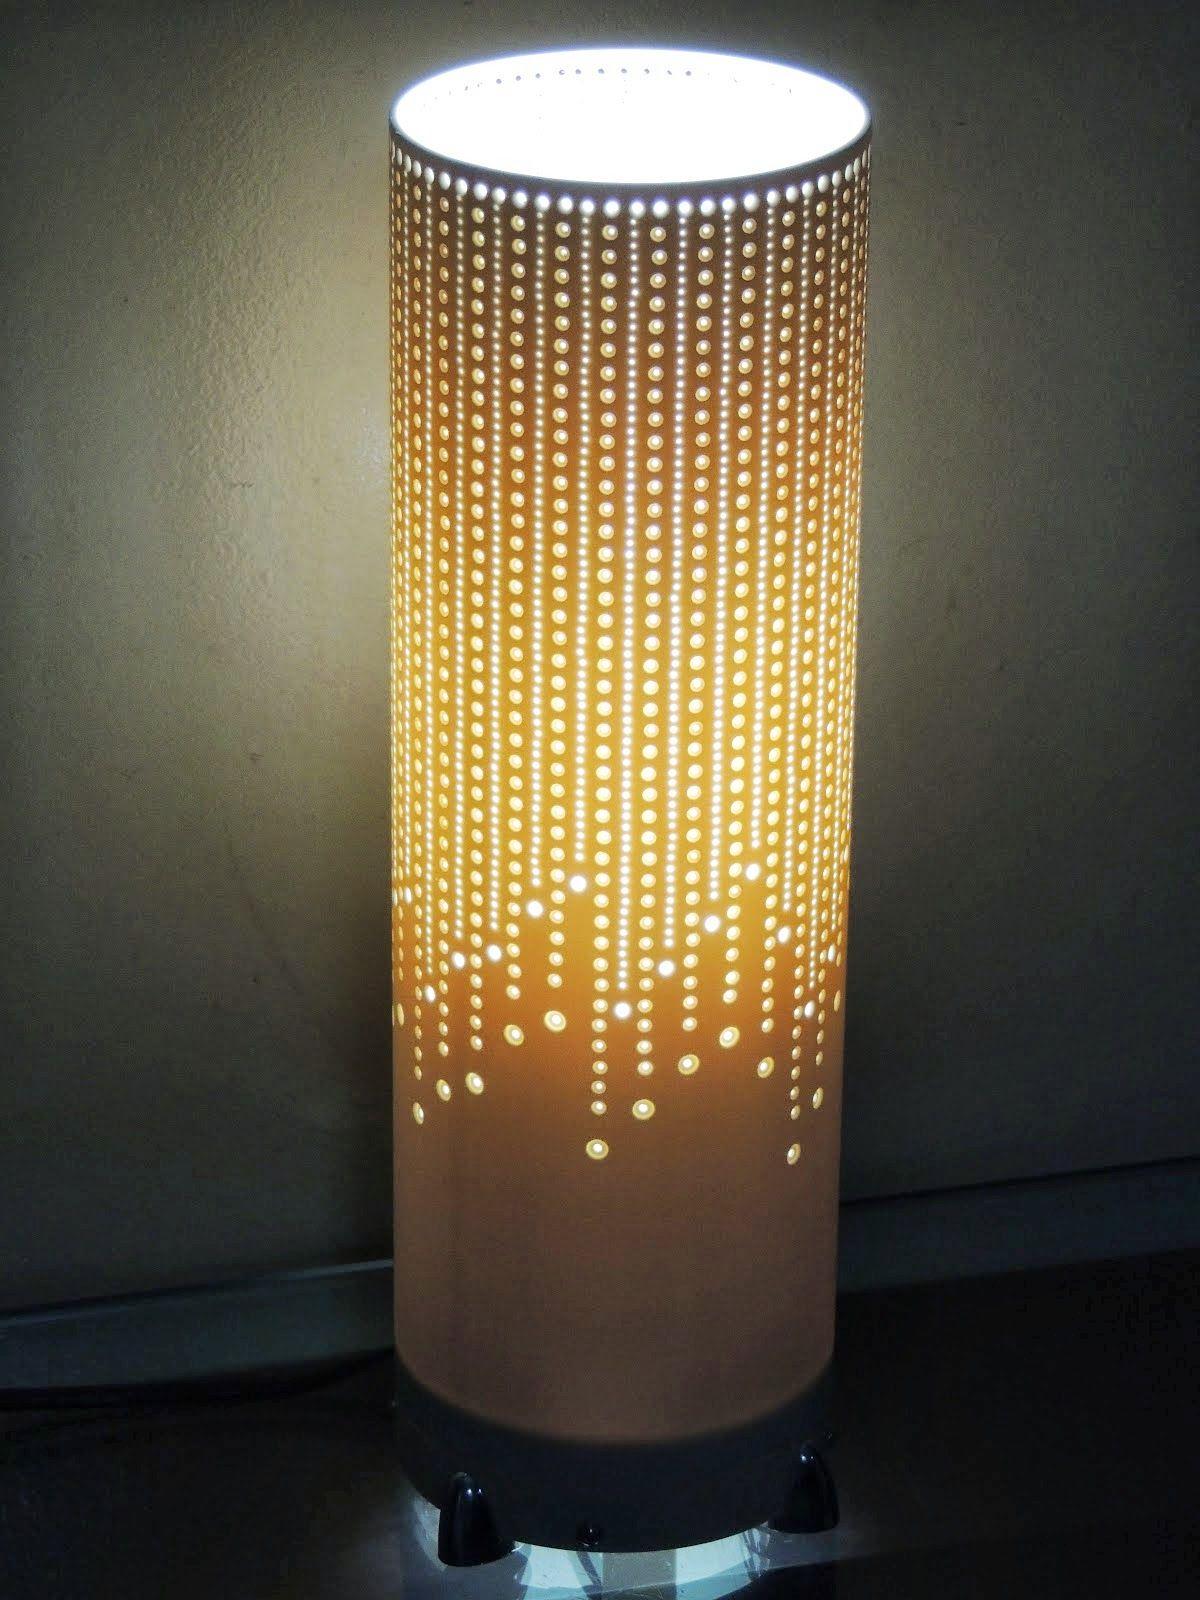 Adesivo De Parede Infantil Masculino ~ Barbaridade Reciclagem Luminárias com tubo de PVC artesanato Pinterest Tubo de pvc